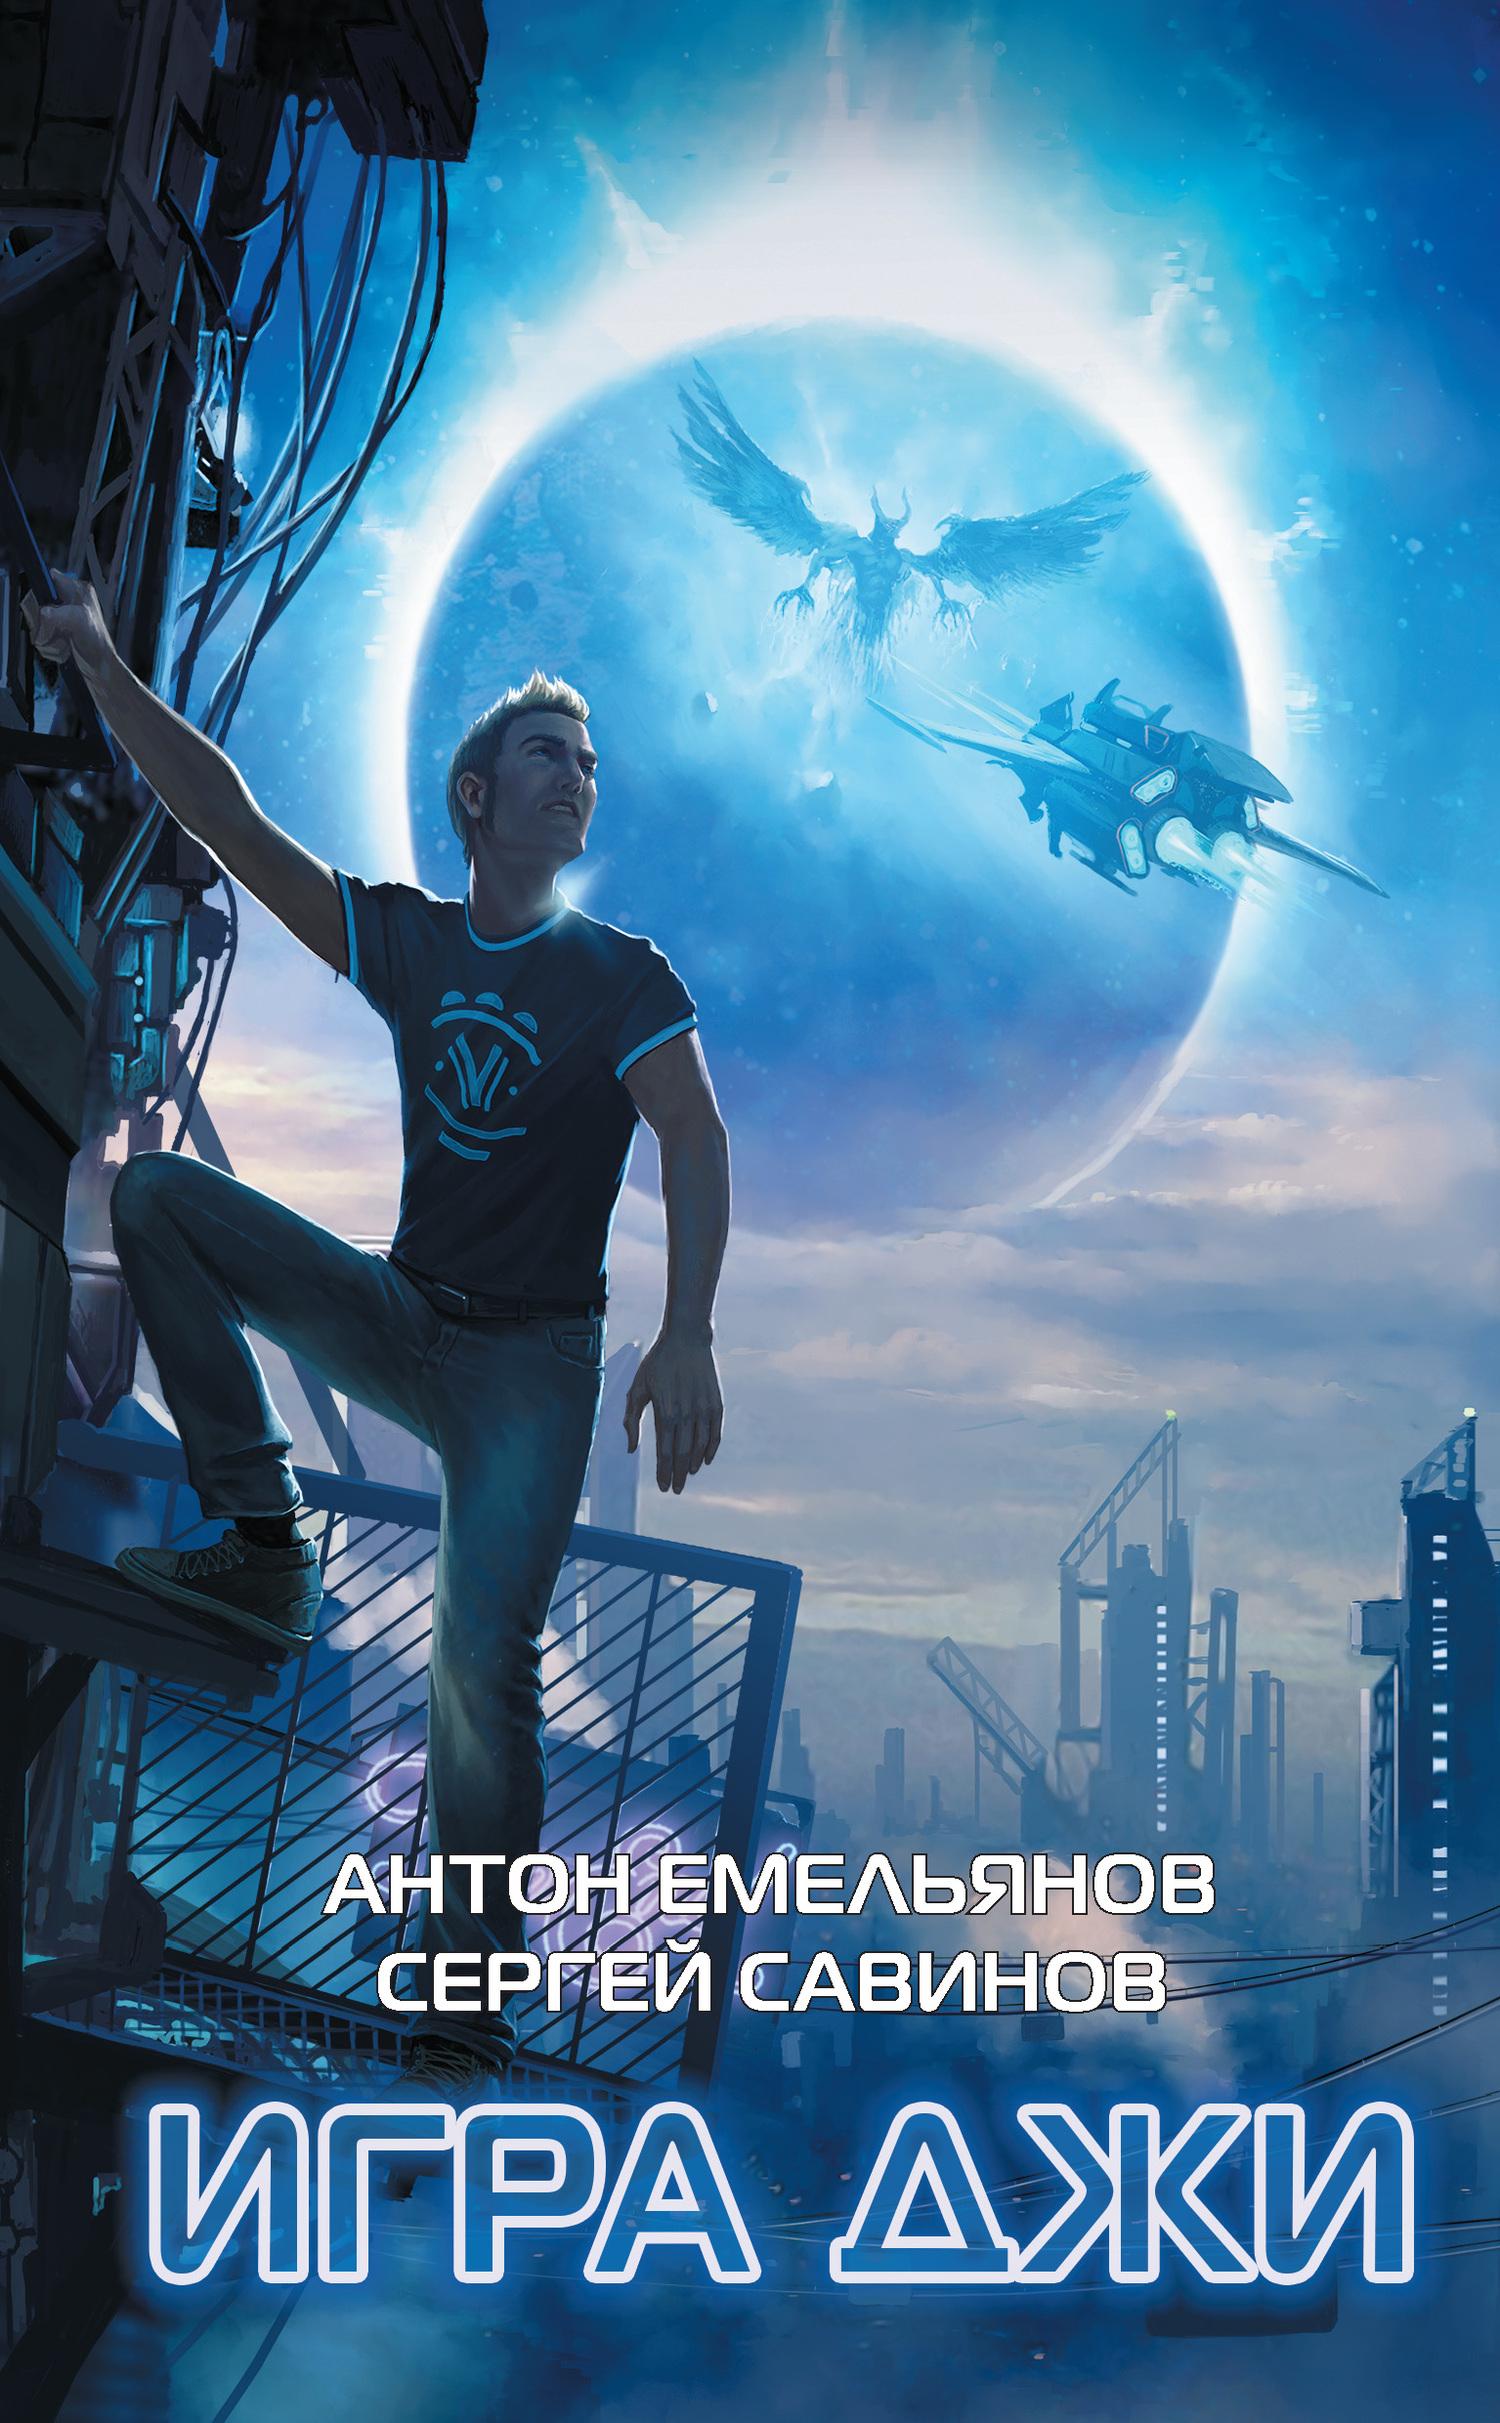 Антон емельянов, сергей савинов карты судьбы, скачать бесплатно.